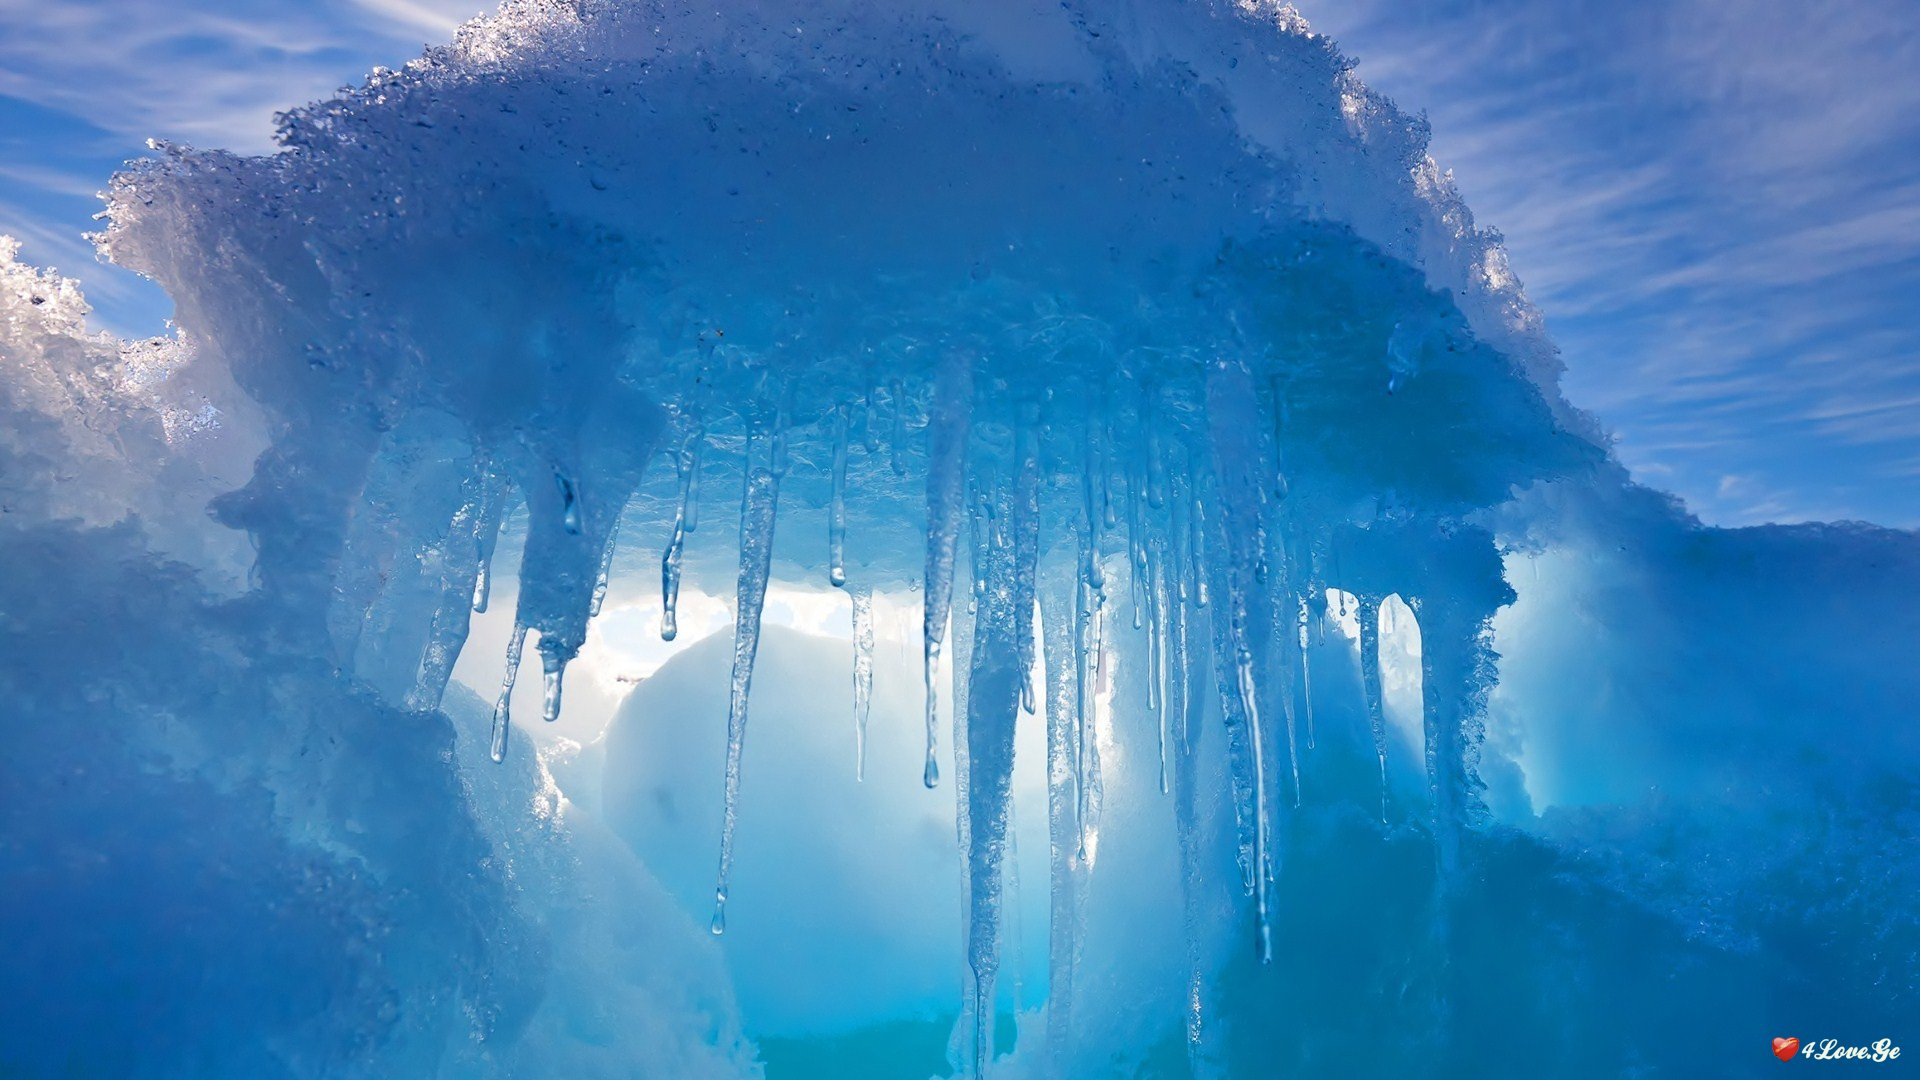 ერკე მიდასი - ყინულის მონოლოგი